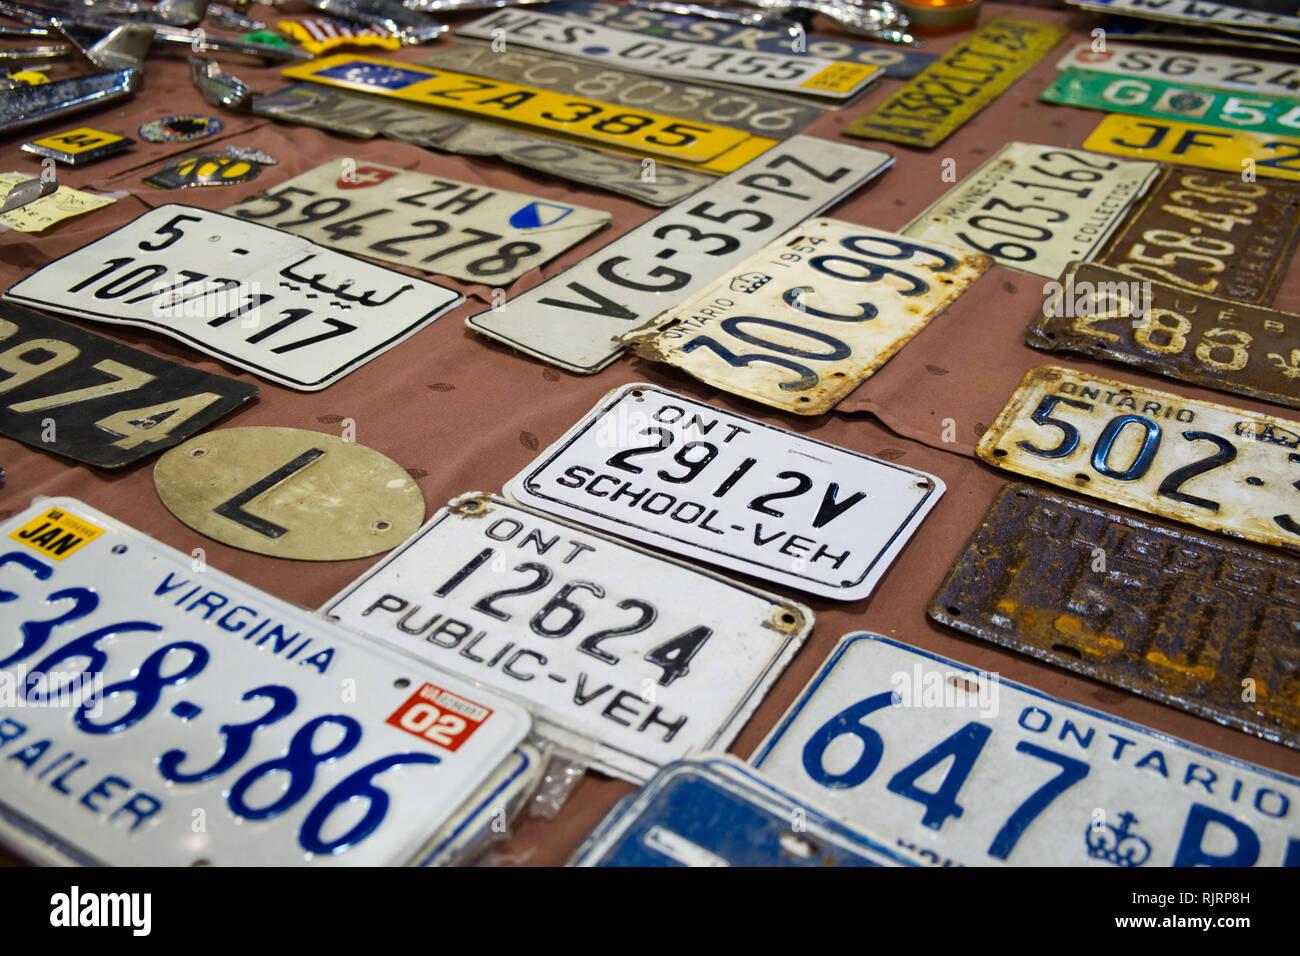 Car registration plates. Retro Málaga 2019. Spain. Stock Photo